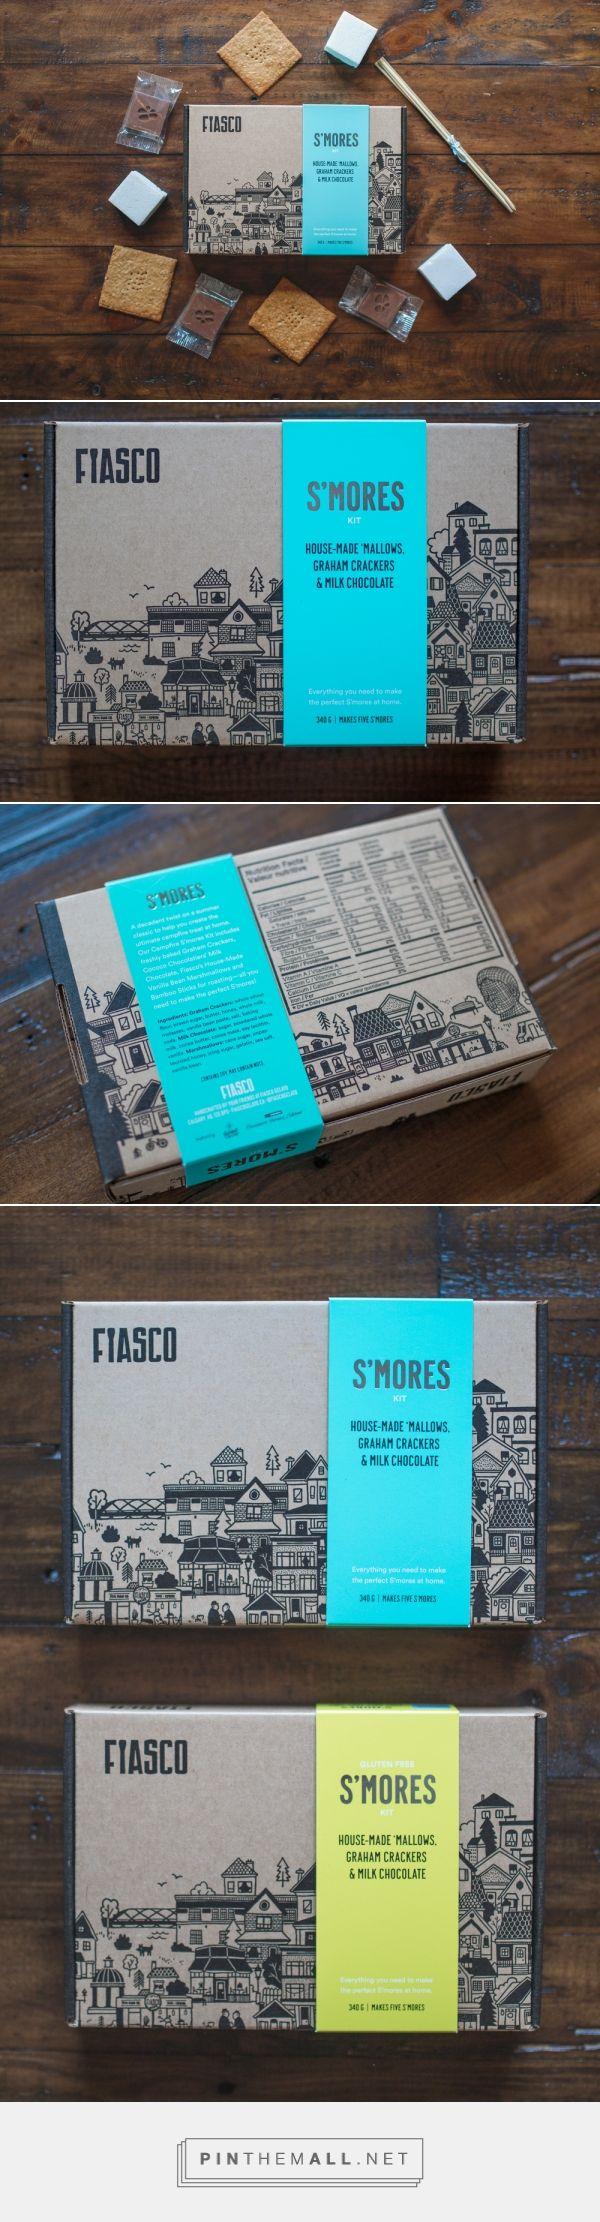 Si te gustan estas ideas de packaging de cajas, puedes tener unas para tu producto: https://www.cajadecarton.es/contactar?utm_source=Pinterest&utm_medium=social&utm_campaign=20160617-cajadecarton_contactar